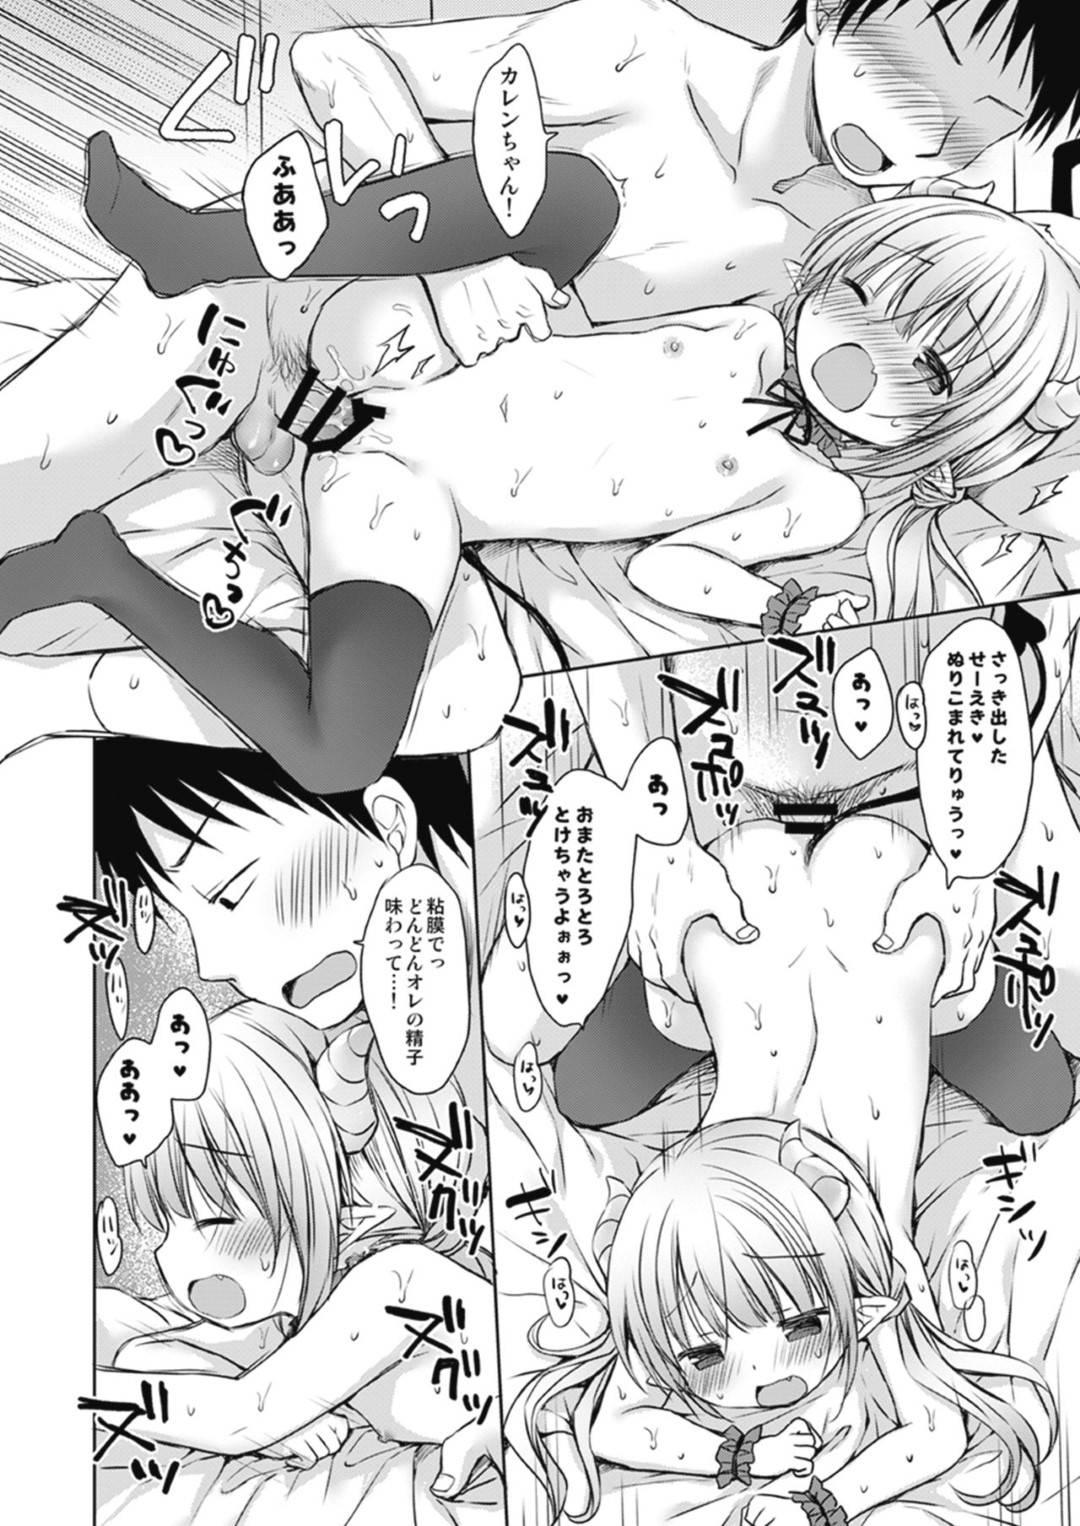 【ロリサキュバスエロ漫画】オナ禁解禁の男の元にロリサキュバスが現れると中出しセックスでザーメンを注ぎ込む【Rico】